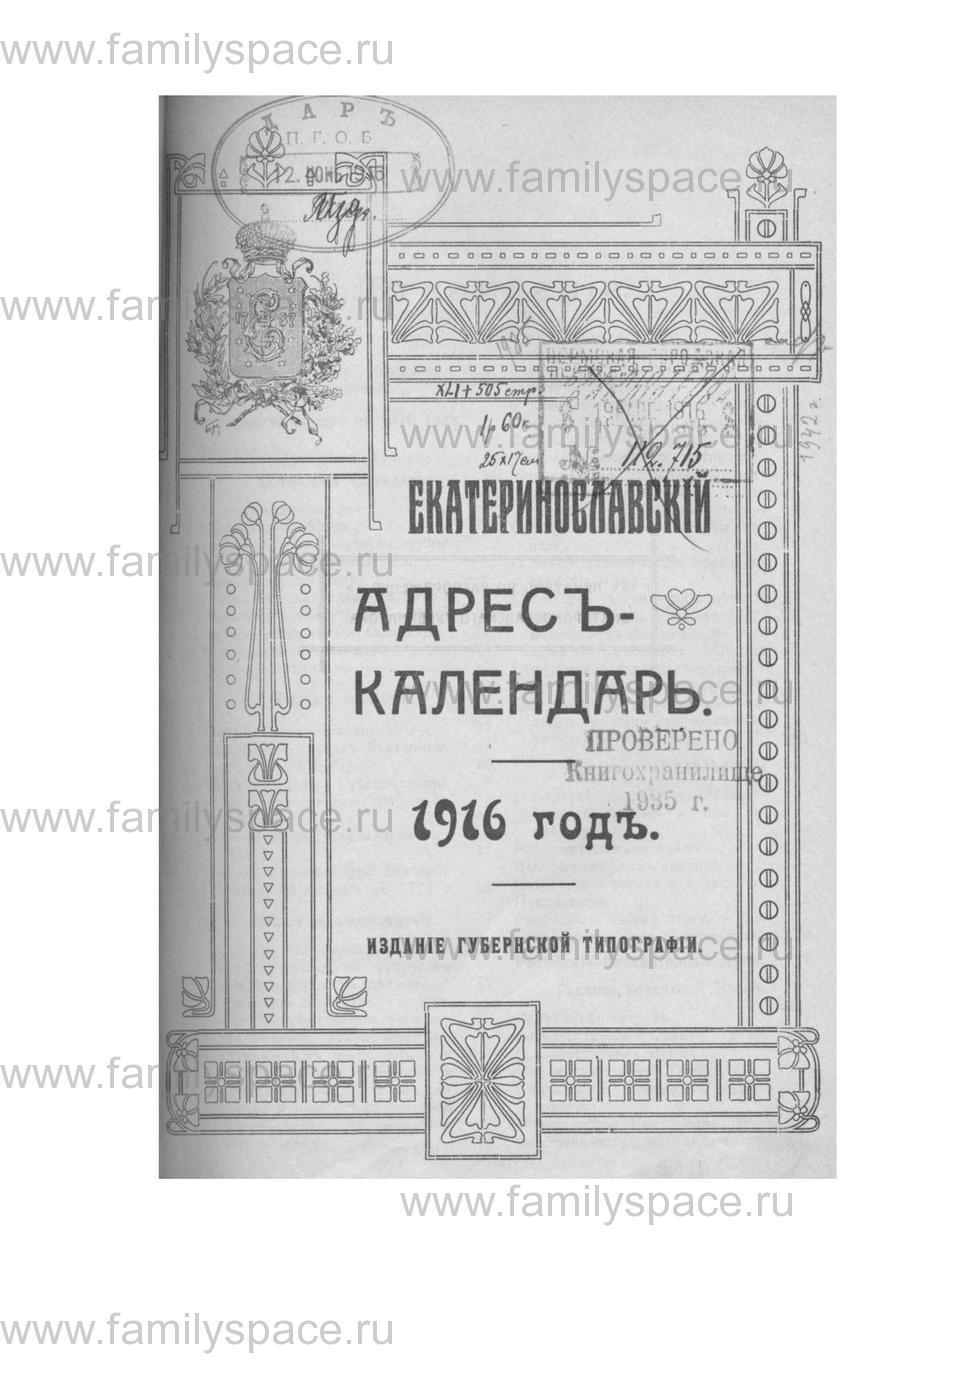 Поиск по фамилии - Екатеринославский адрес-календарь на 1916 год, страница -6